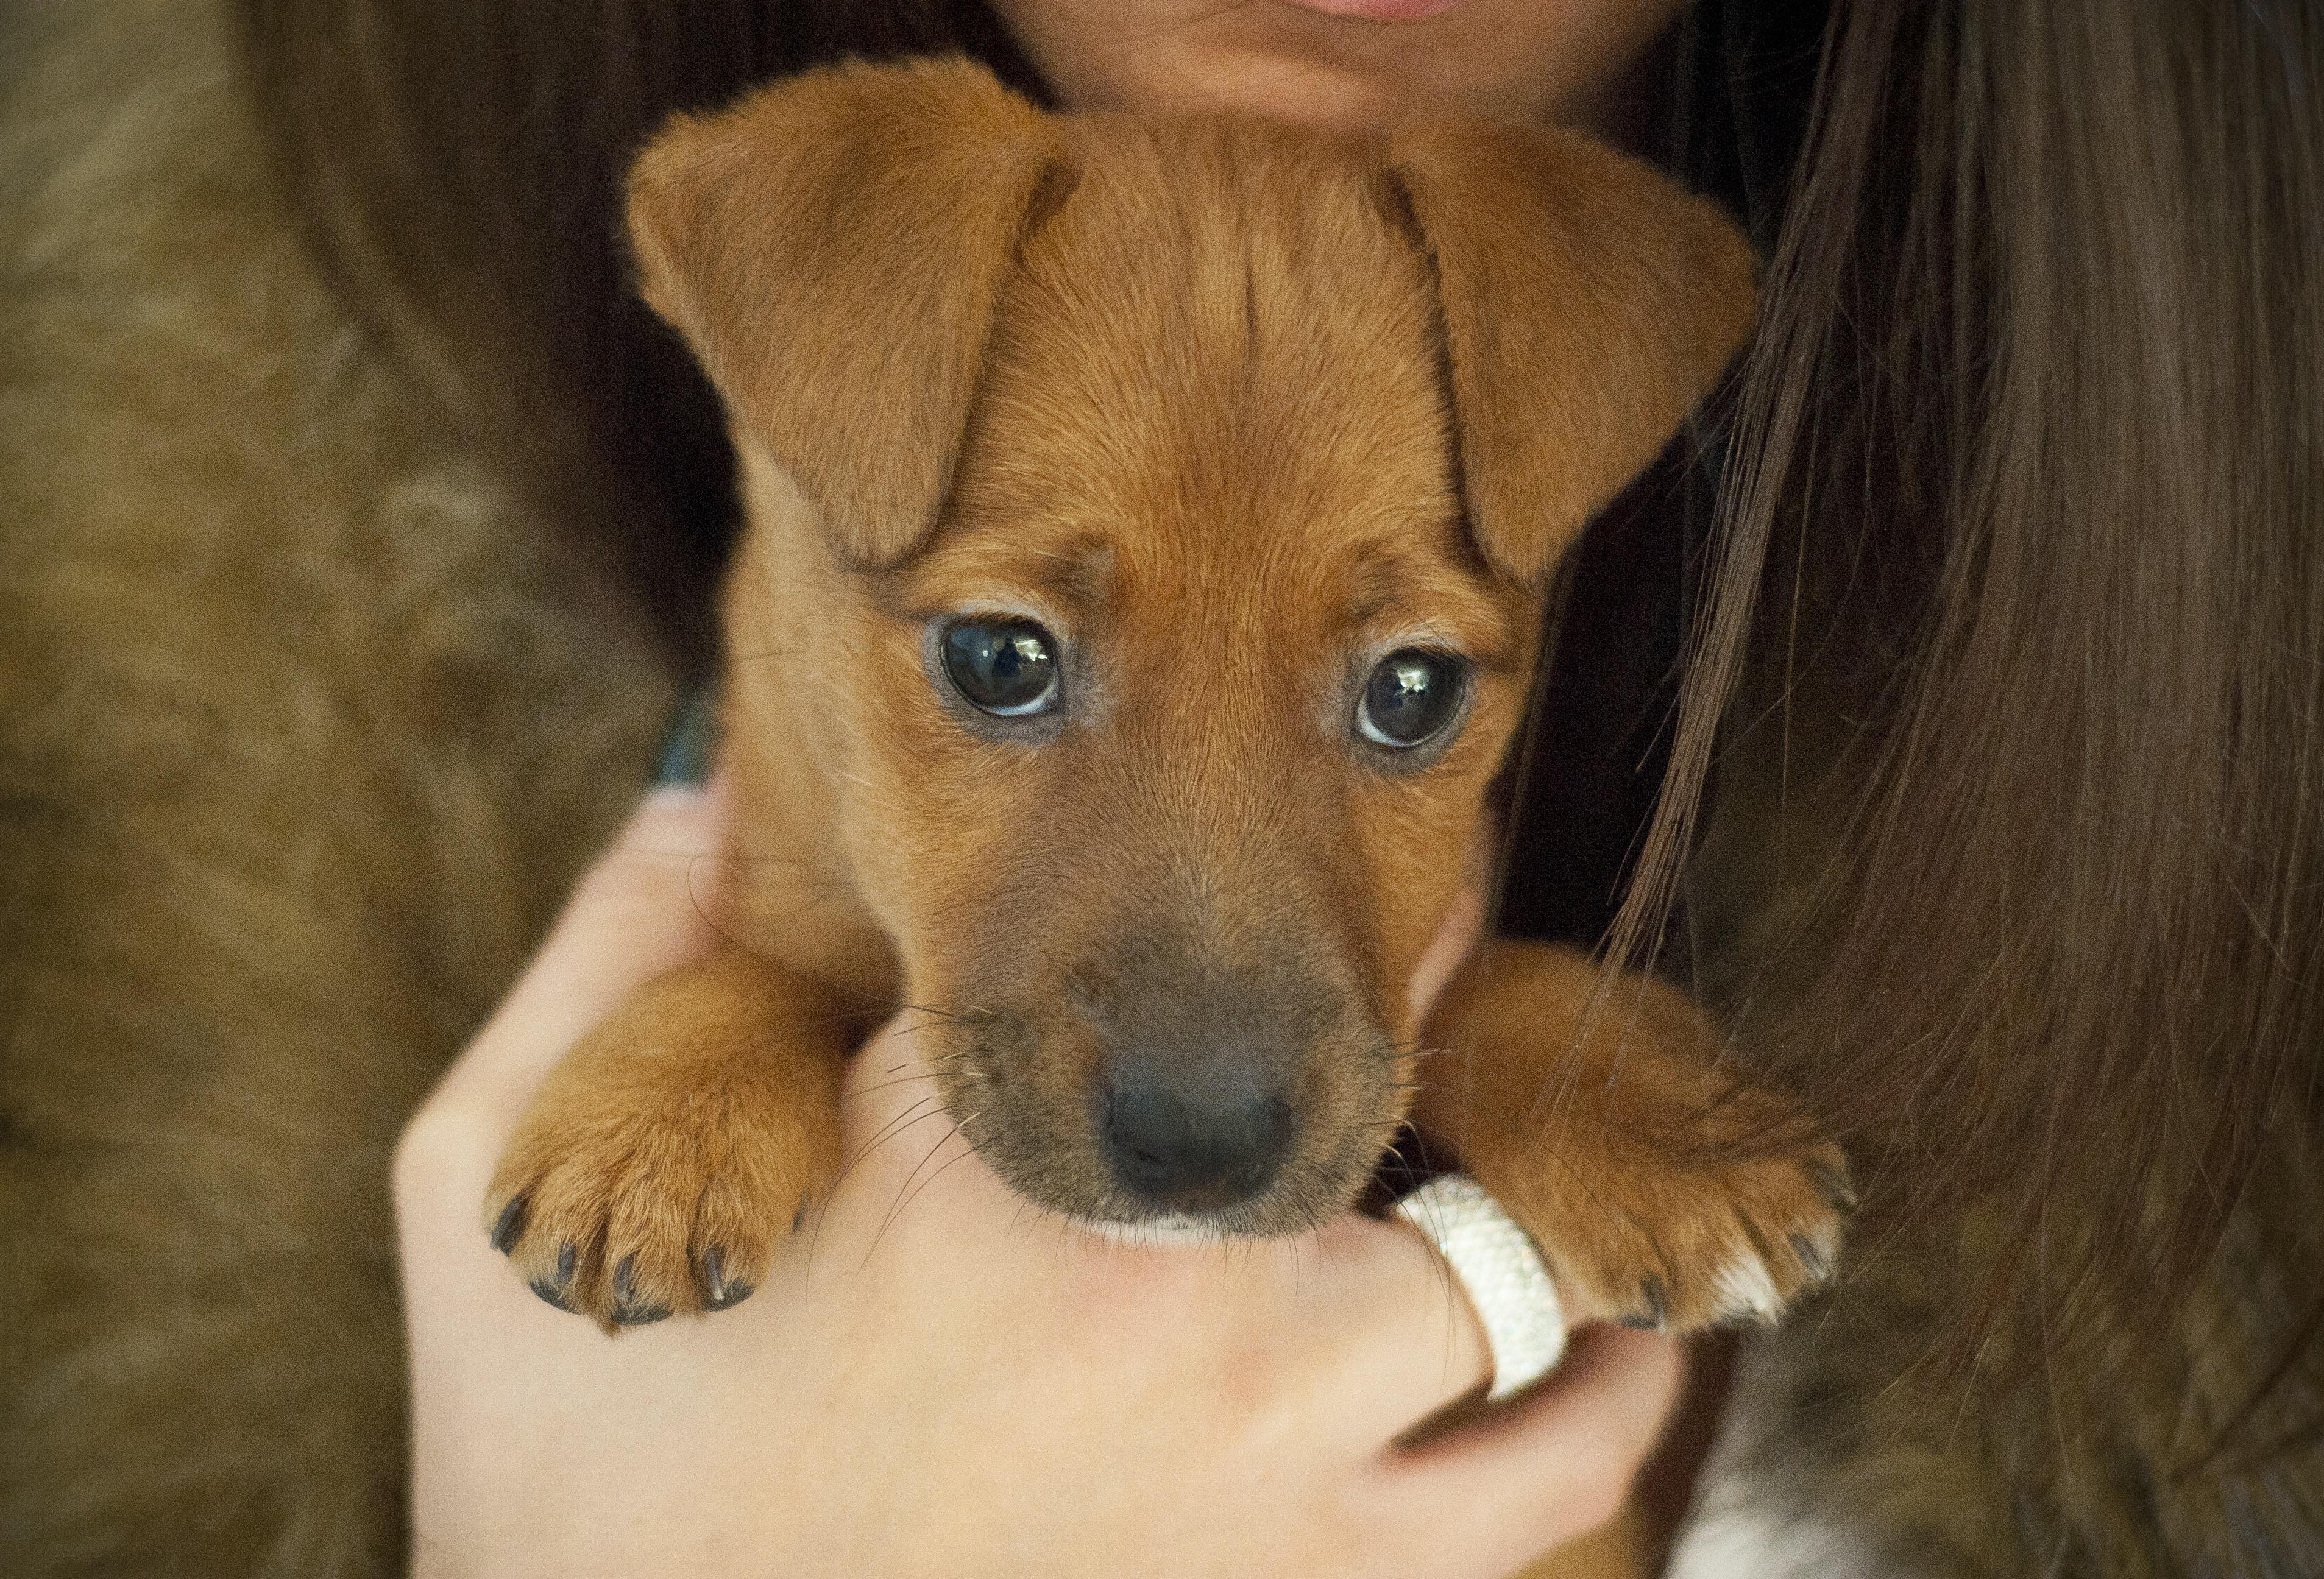 ginger for dog